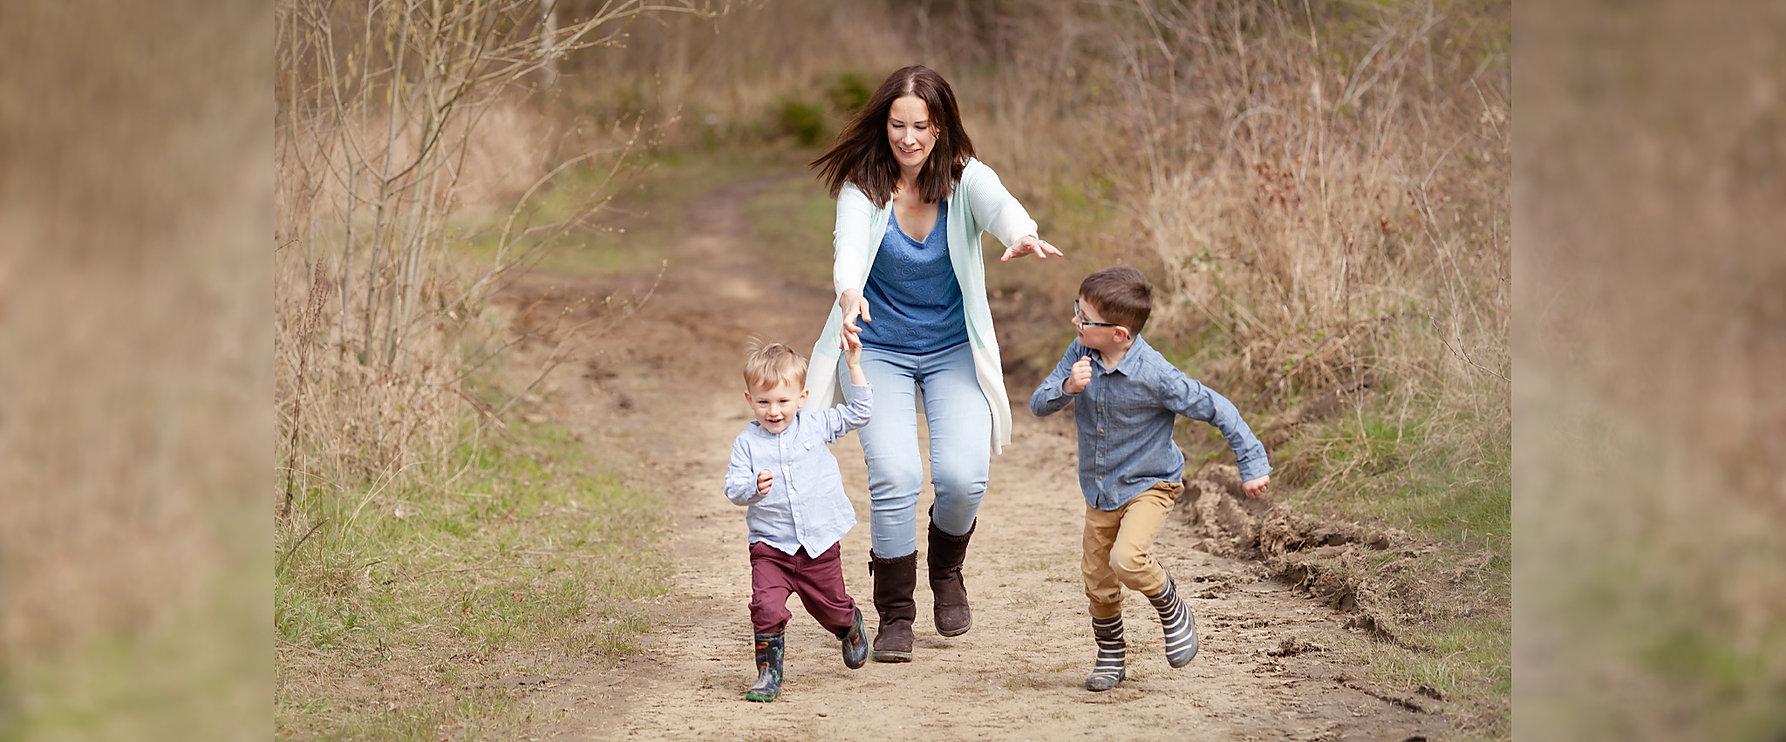 Running with kids.jpg